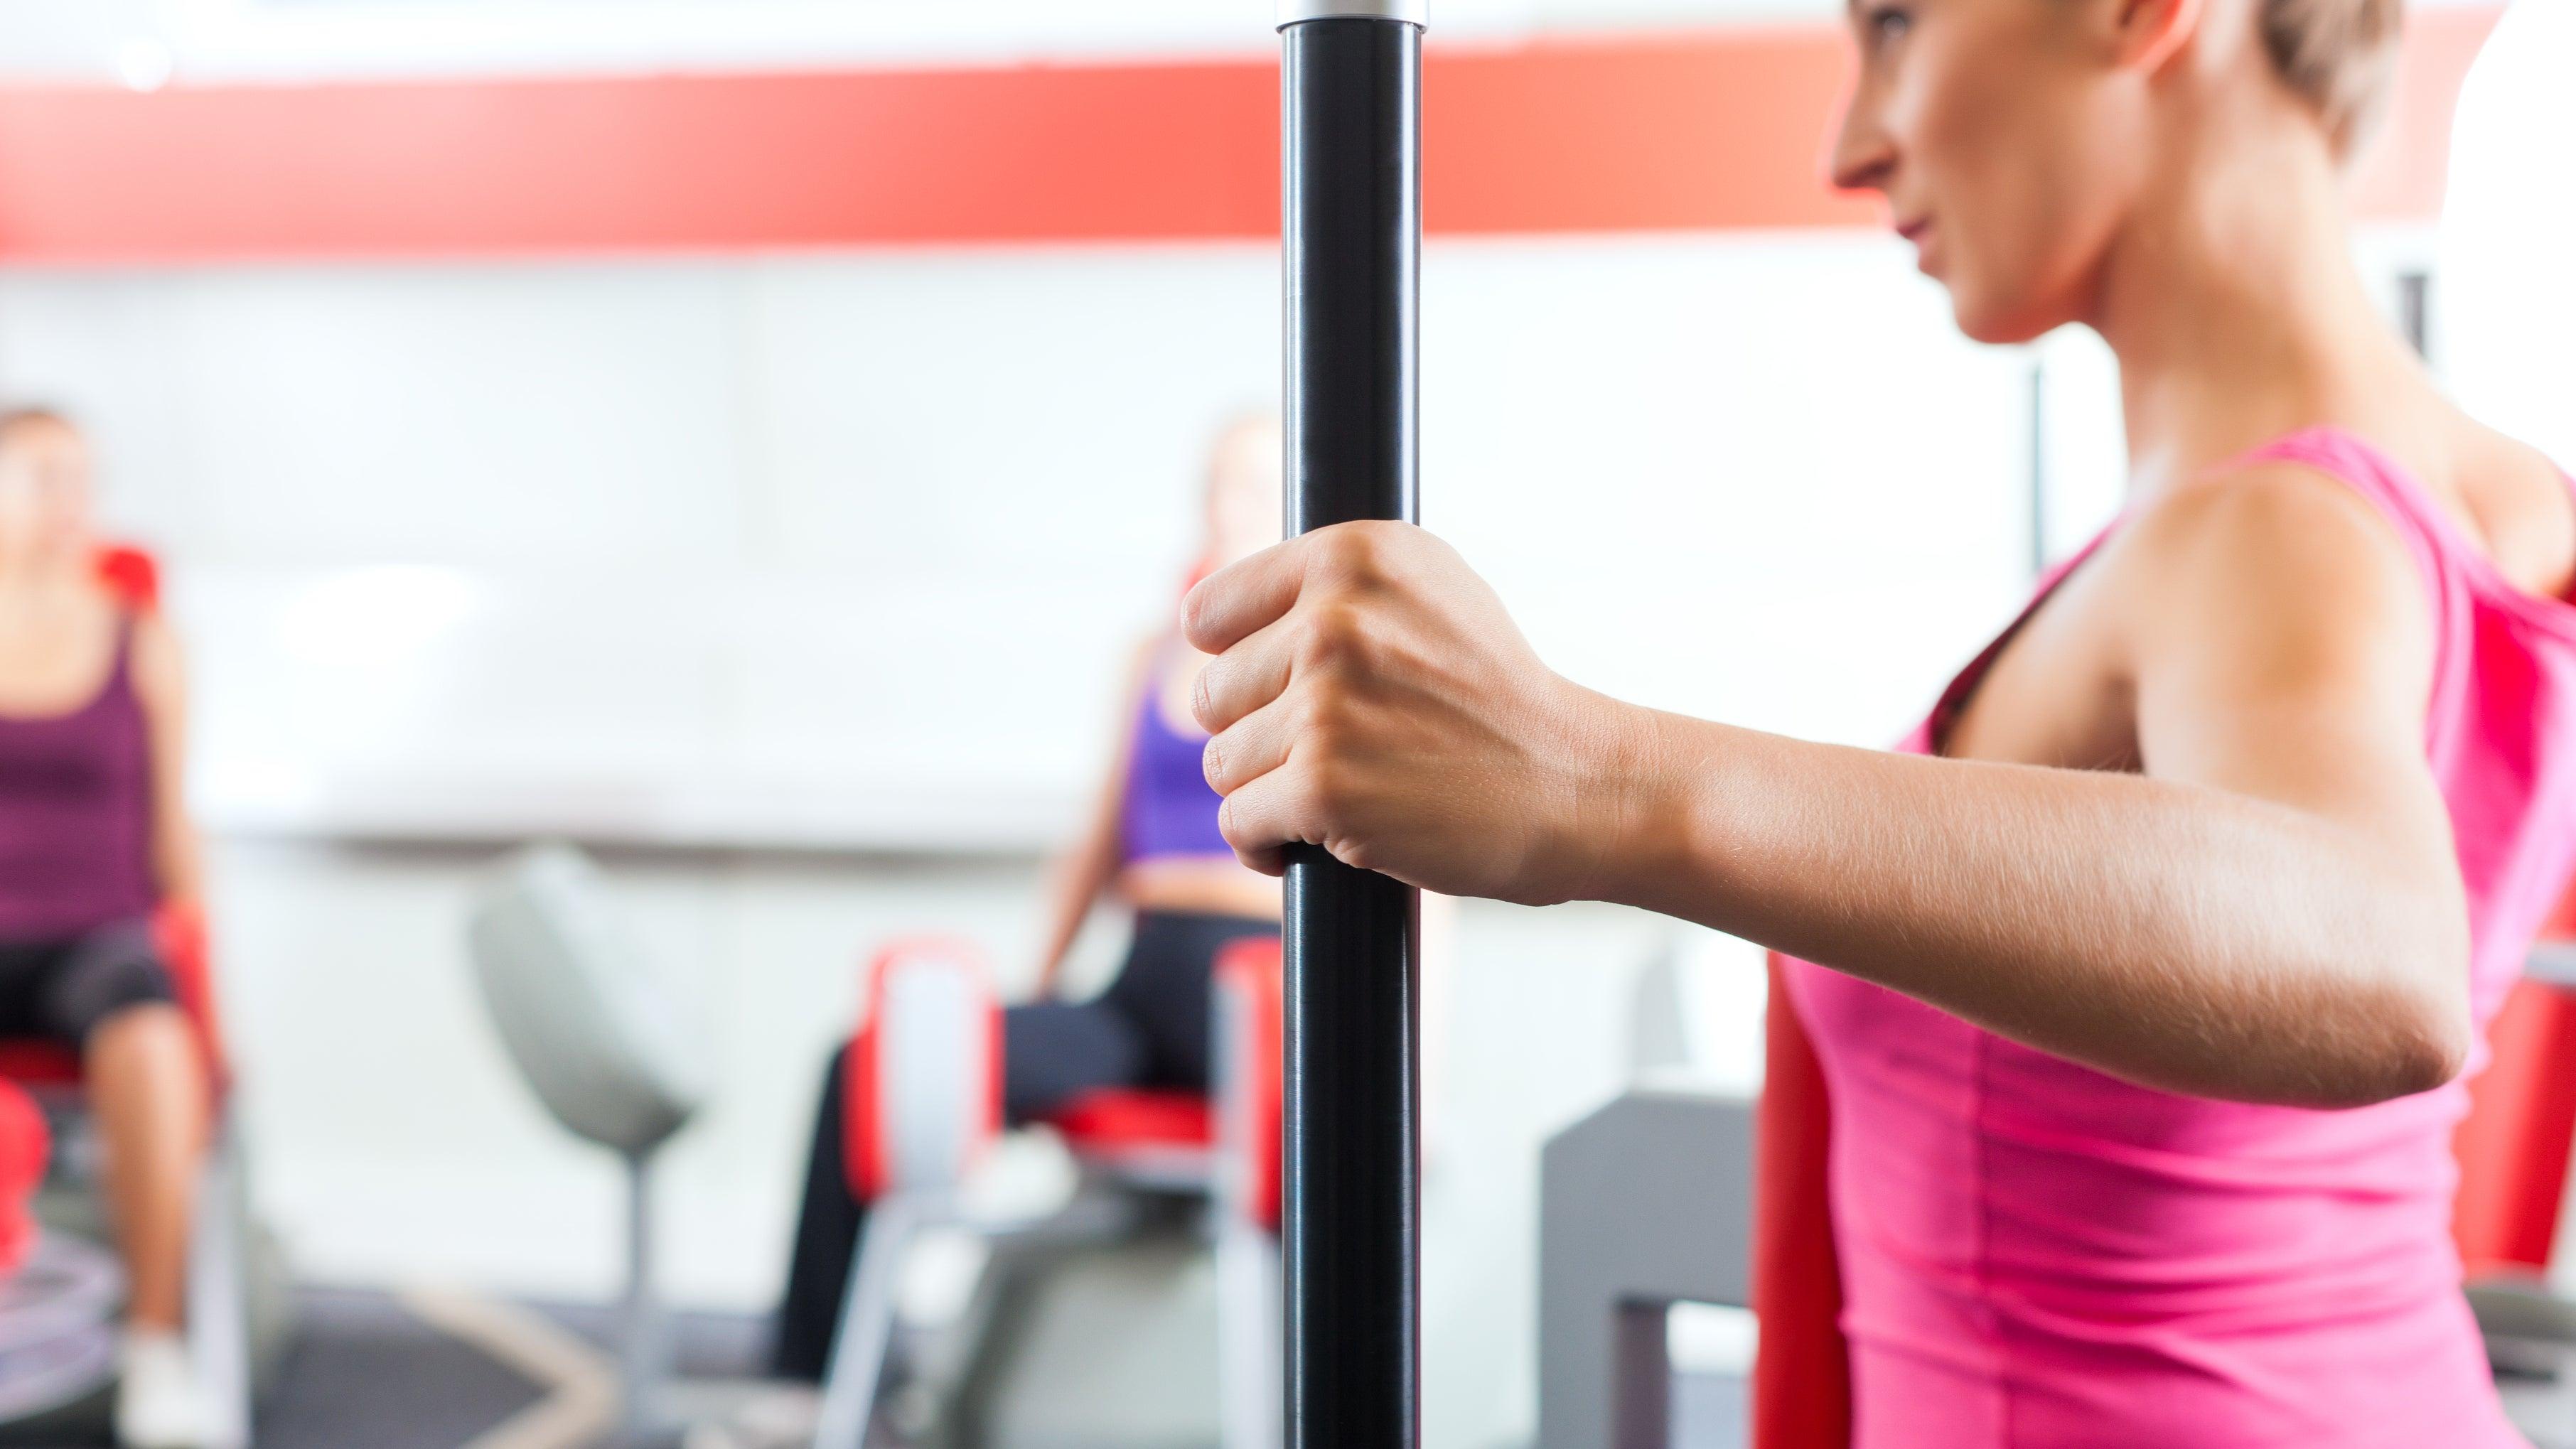 Muskelkater: Experte räumt mit Mythen auf und erklärt, was hilft